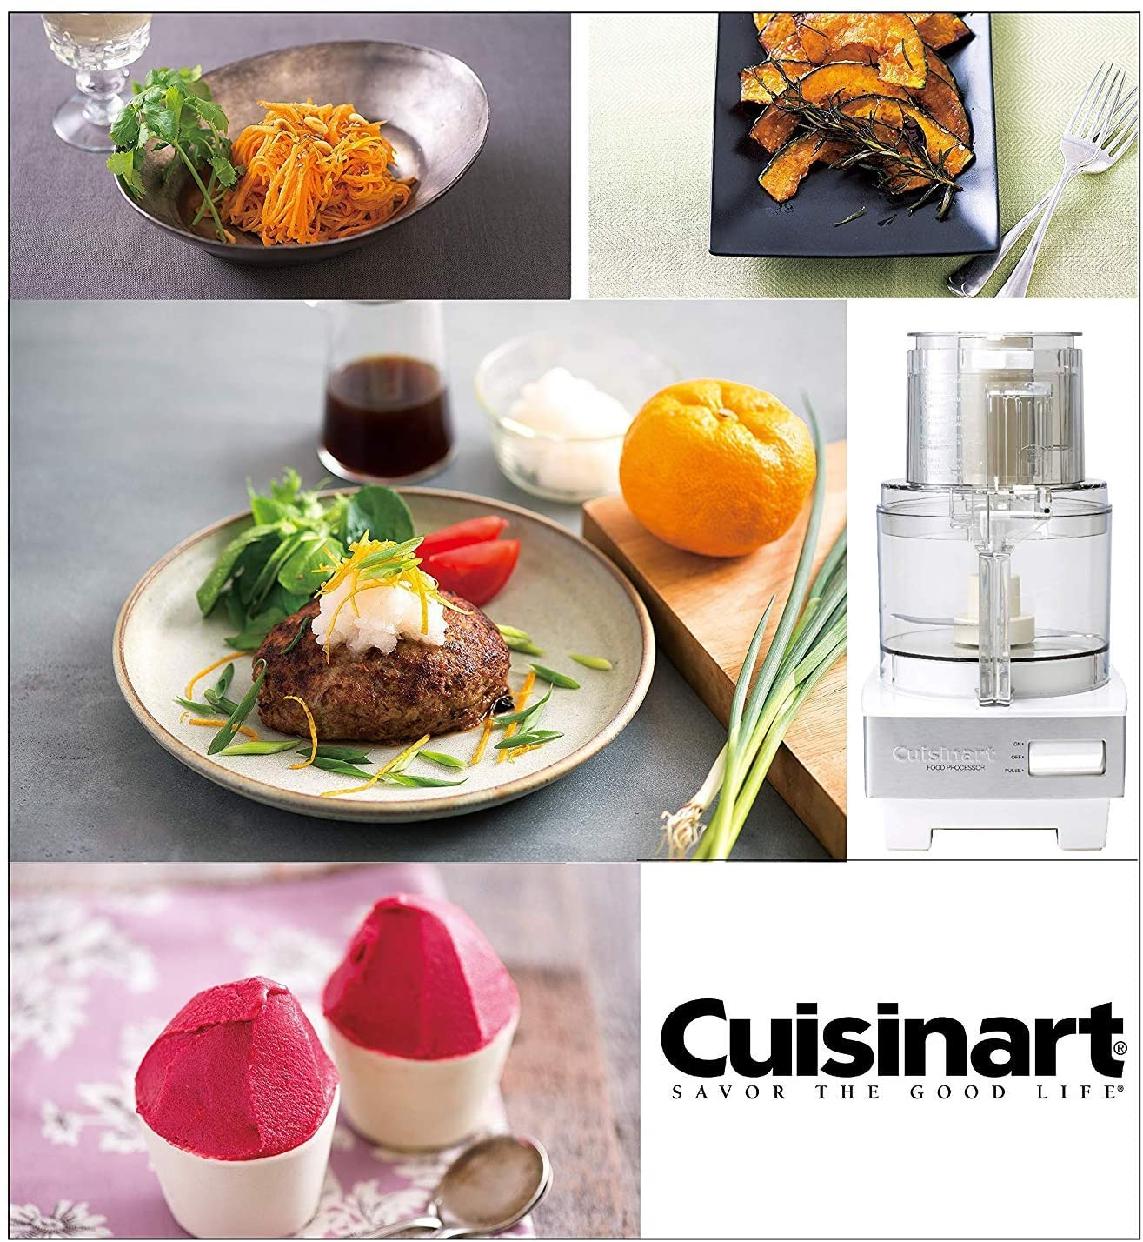 Cuisinart(クイジナート) フードプロセッサー DLC-191Jの商品画像8